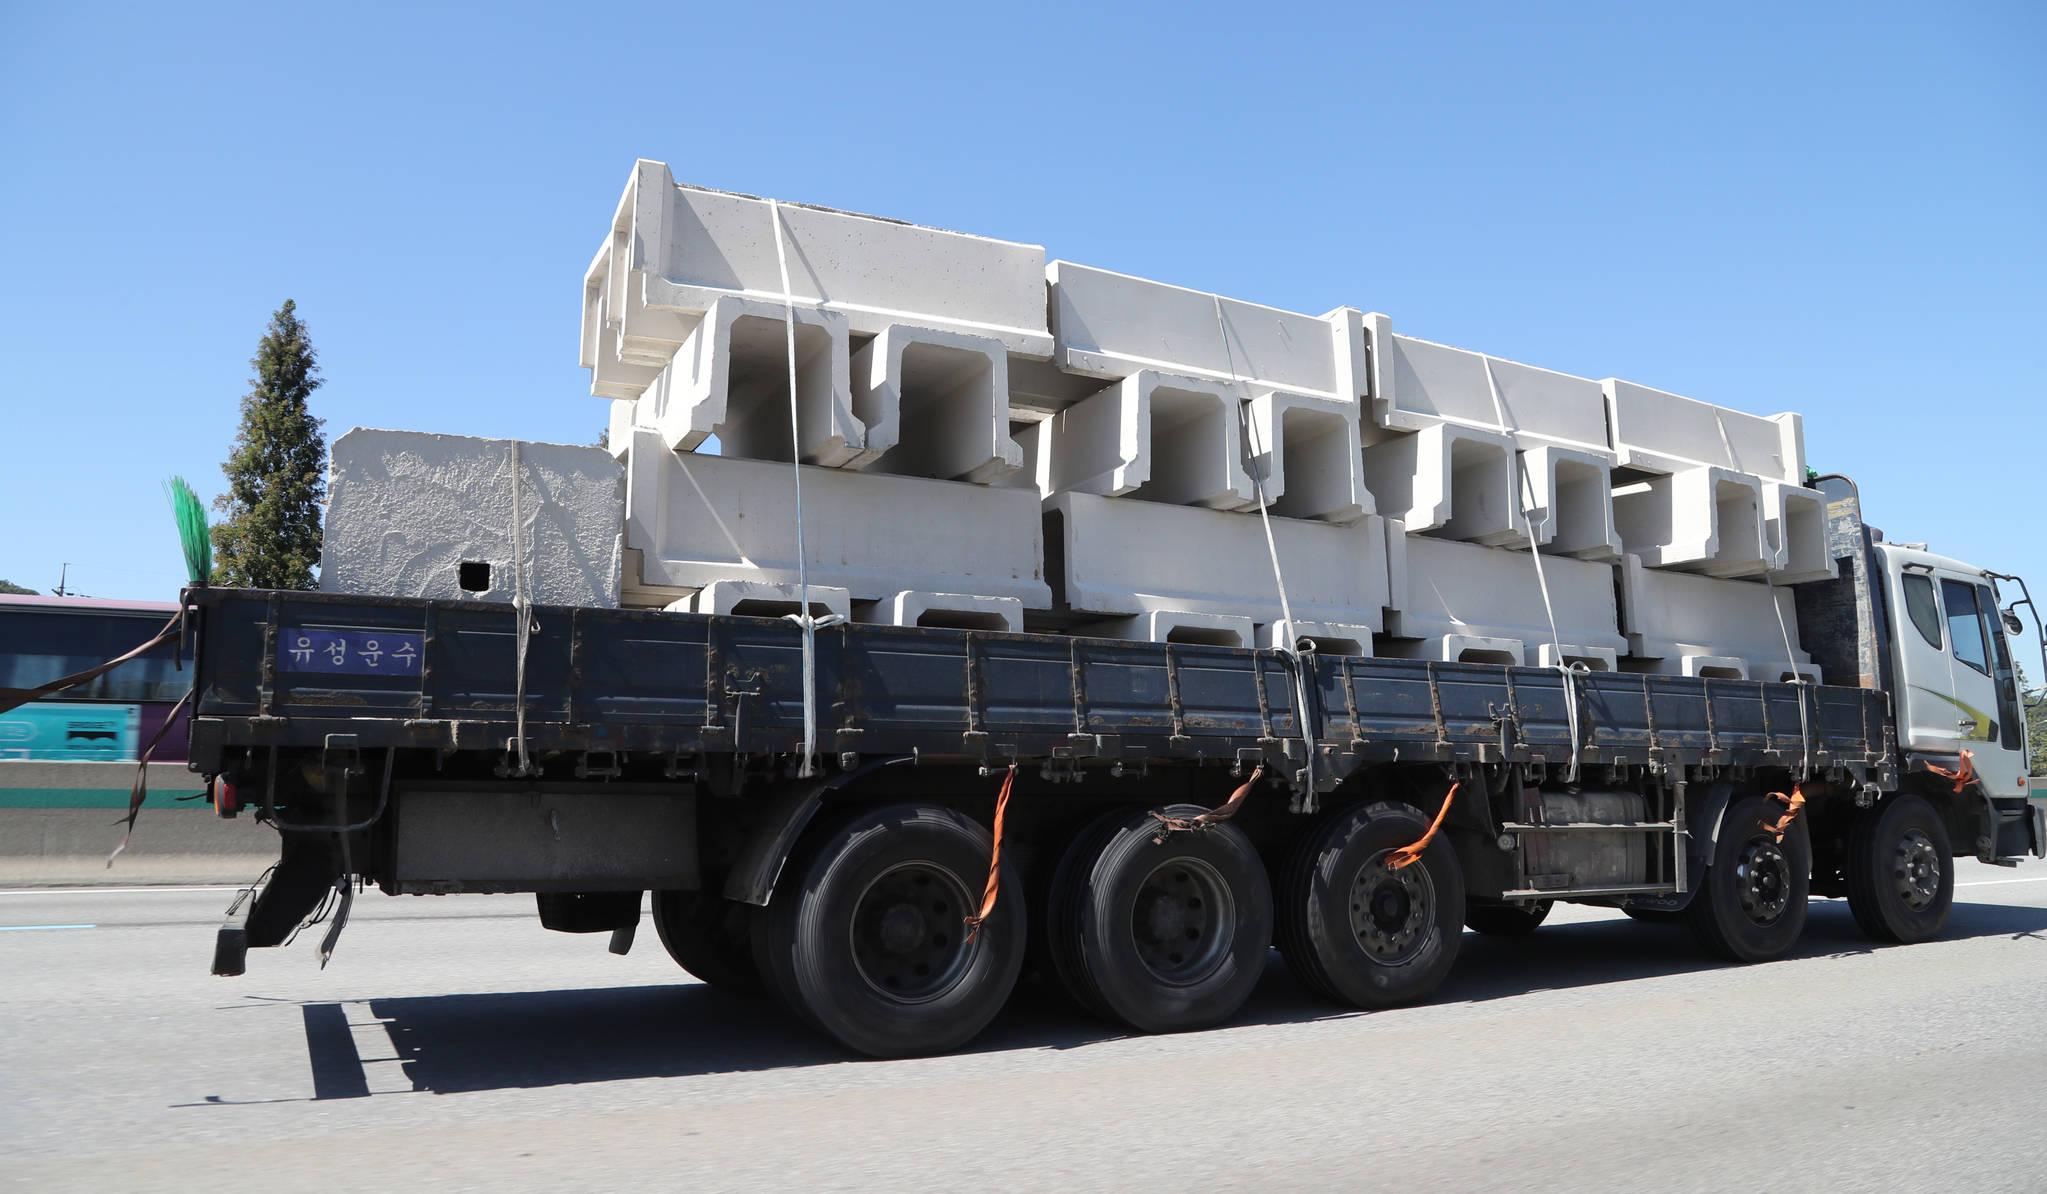 지난달 21일 오후 경부고속도로 상행선 죽전휴게소 부근에서 콘크리트 구조물을 적재한 화물트럭이 고속도로를 달리고 있다. 무거운 적재물을 끈으로 묶어 놓았다. 죽전= 최승식 기자